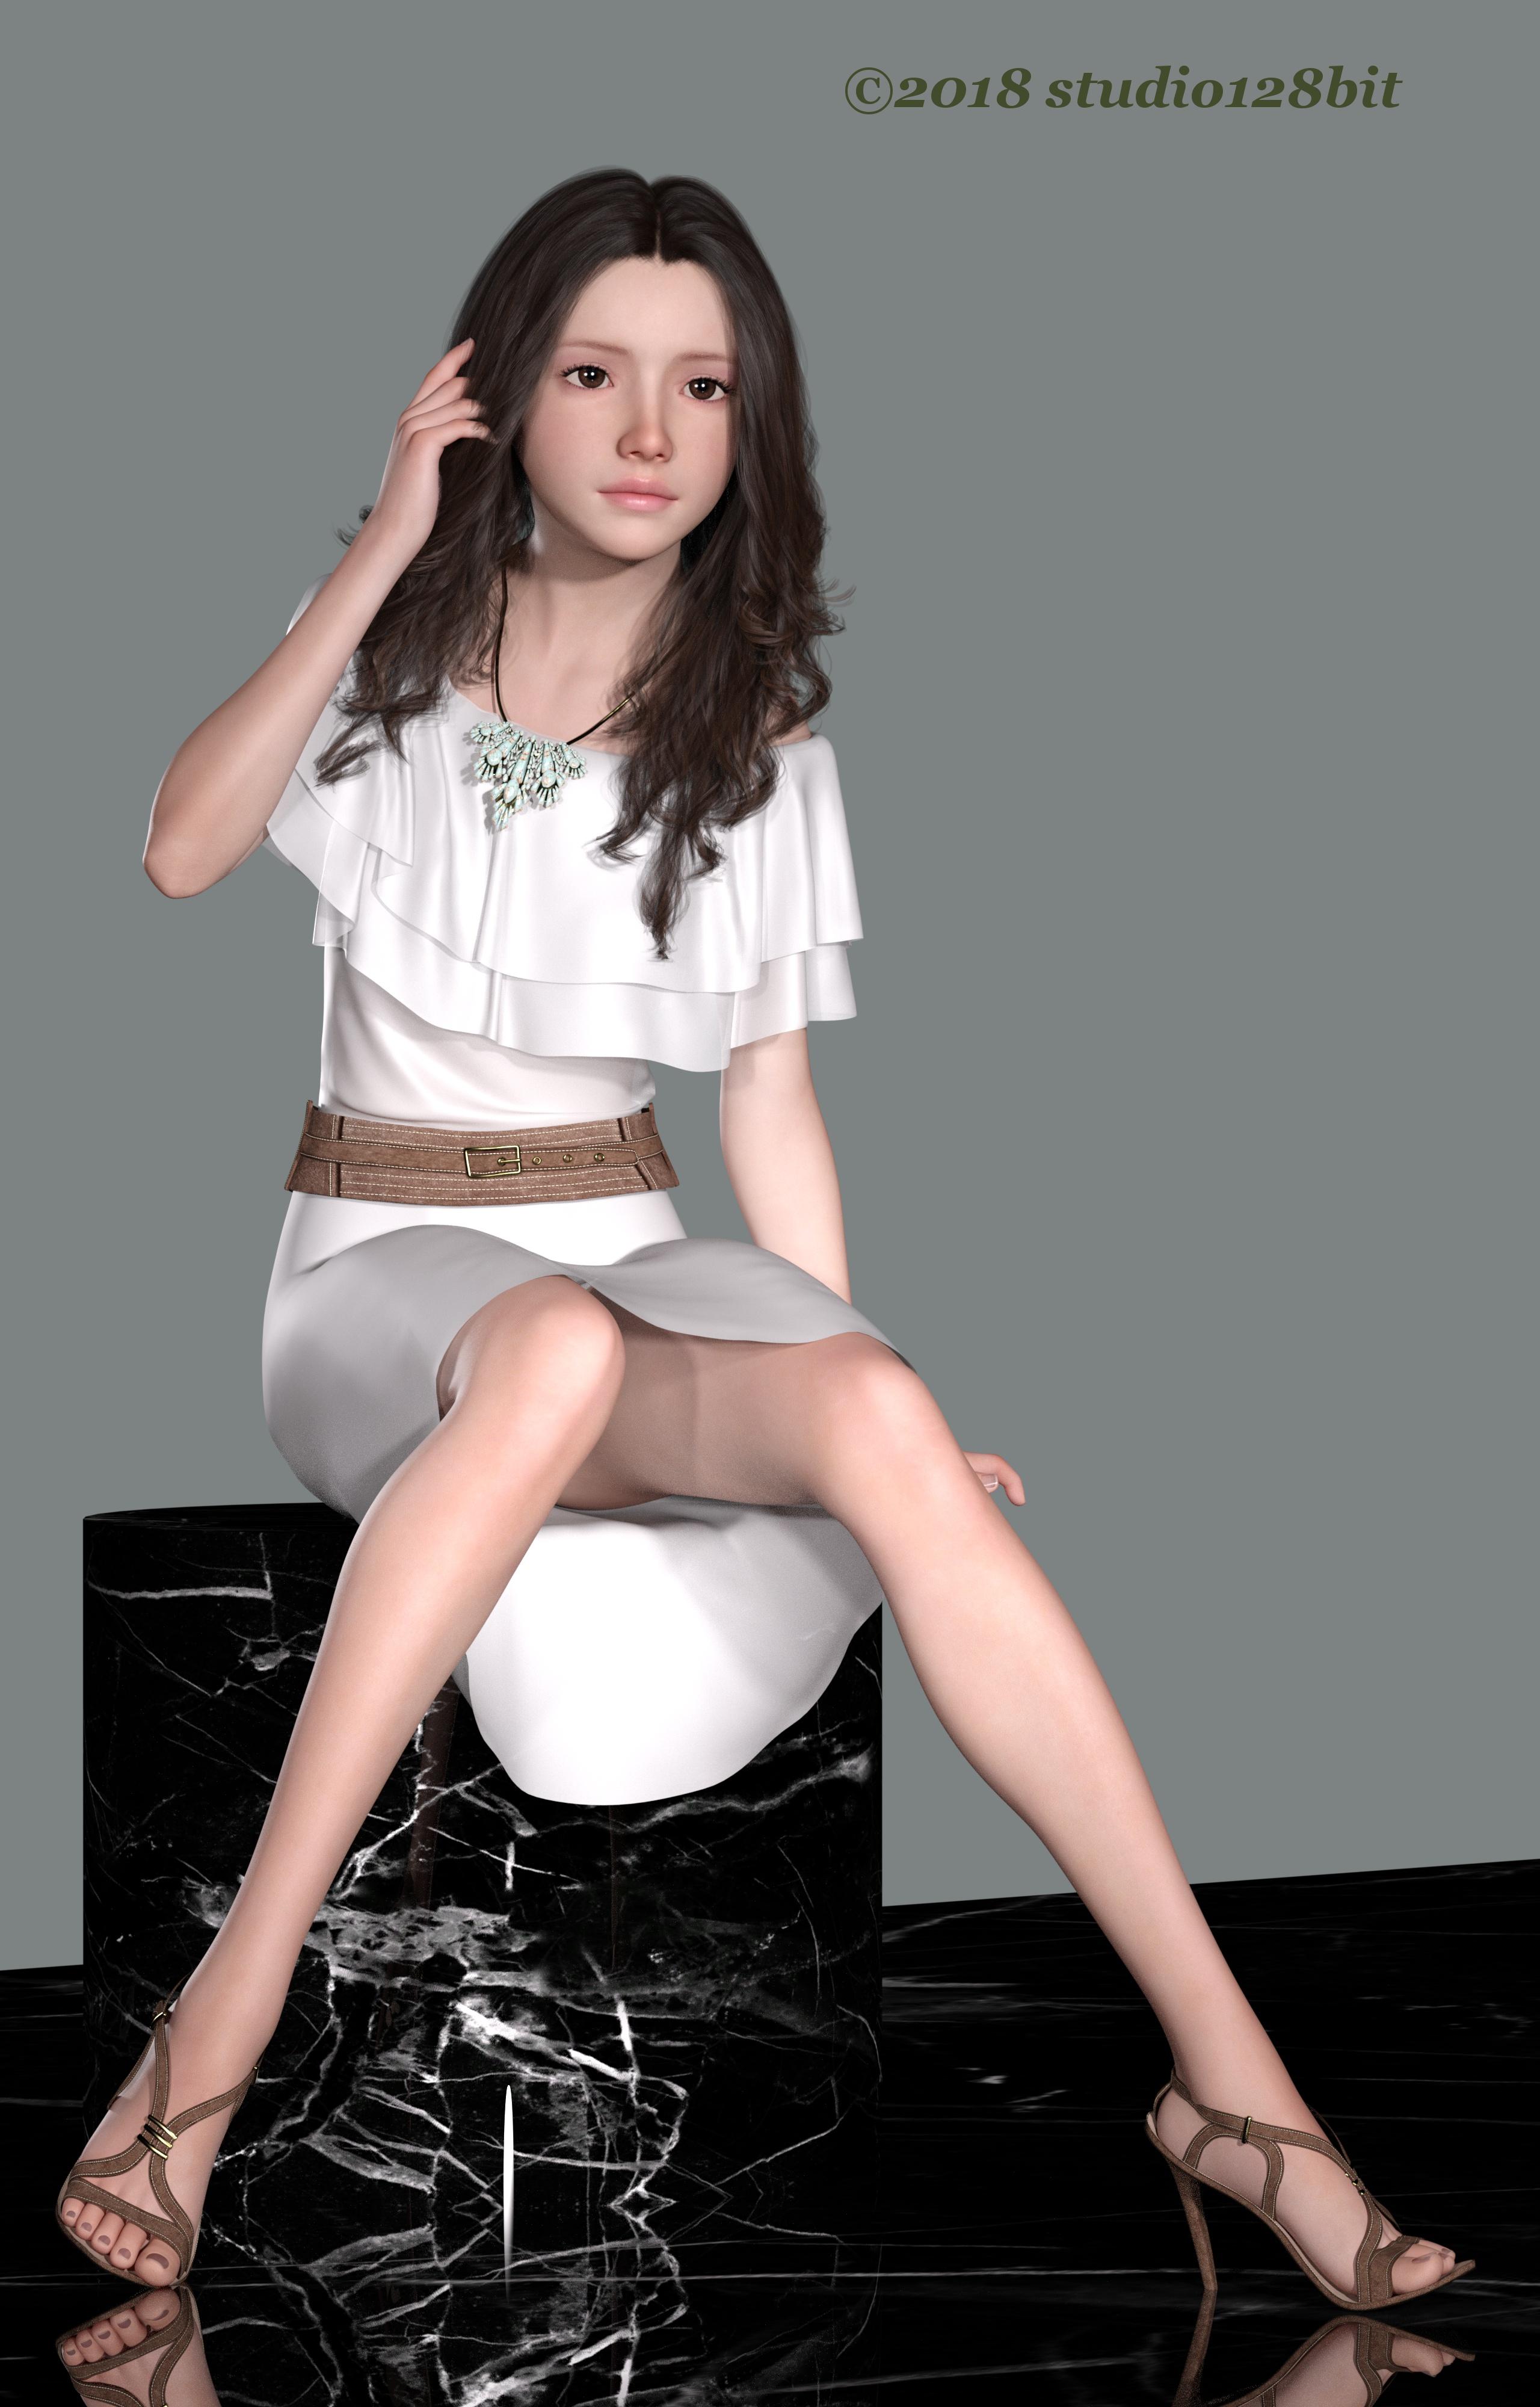 3DCG 純少女 美少女 Take24 No.4